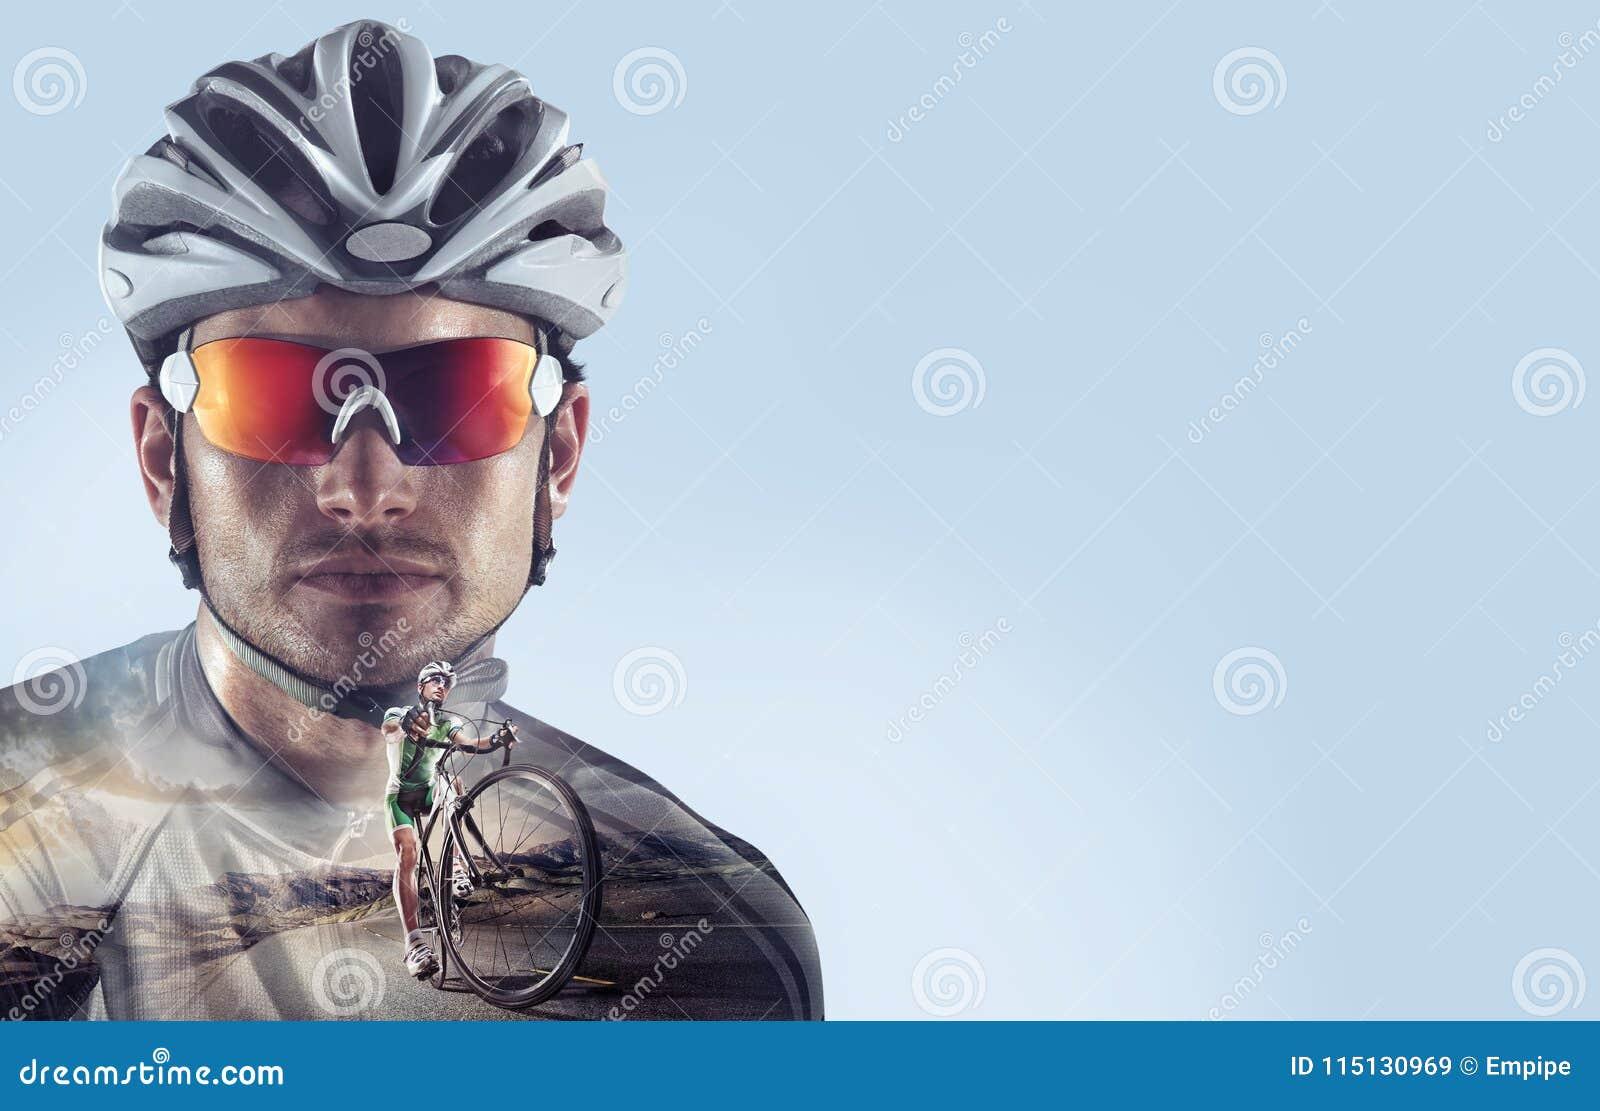 Sport backgrounds. Heroic Cyclist portrait.